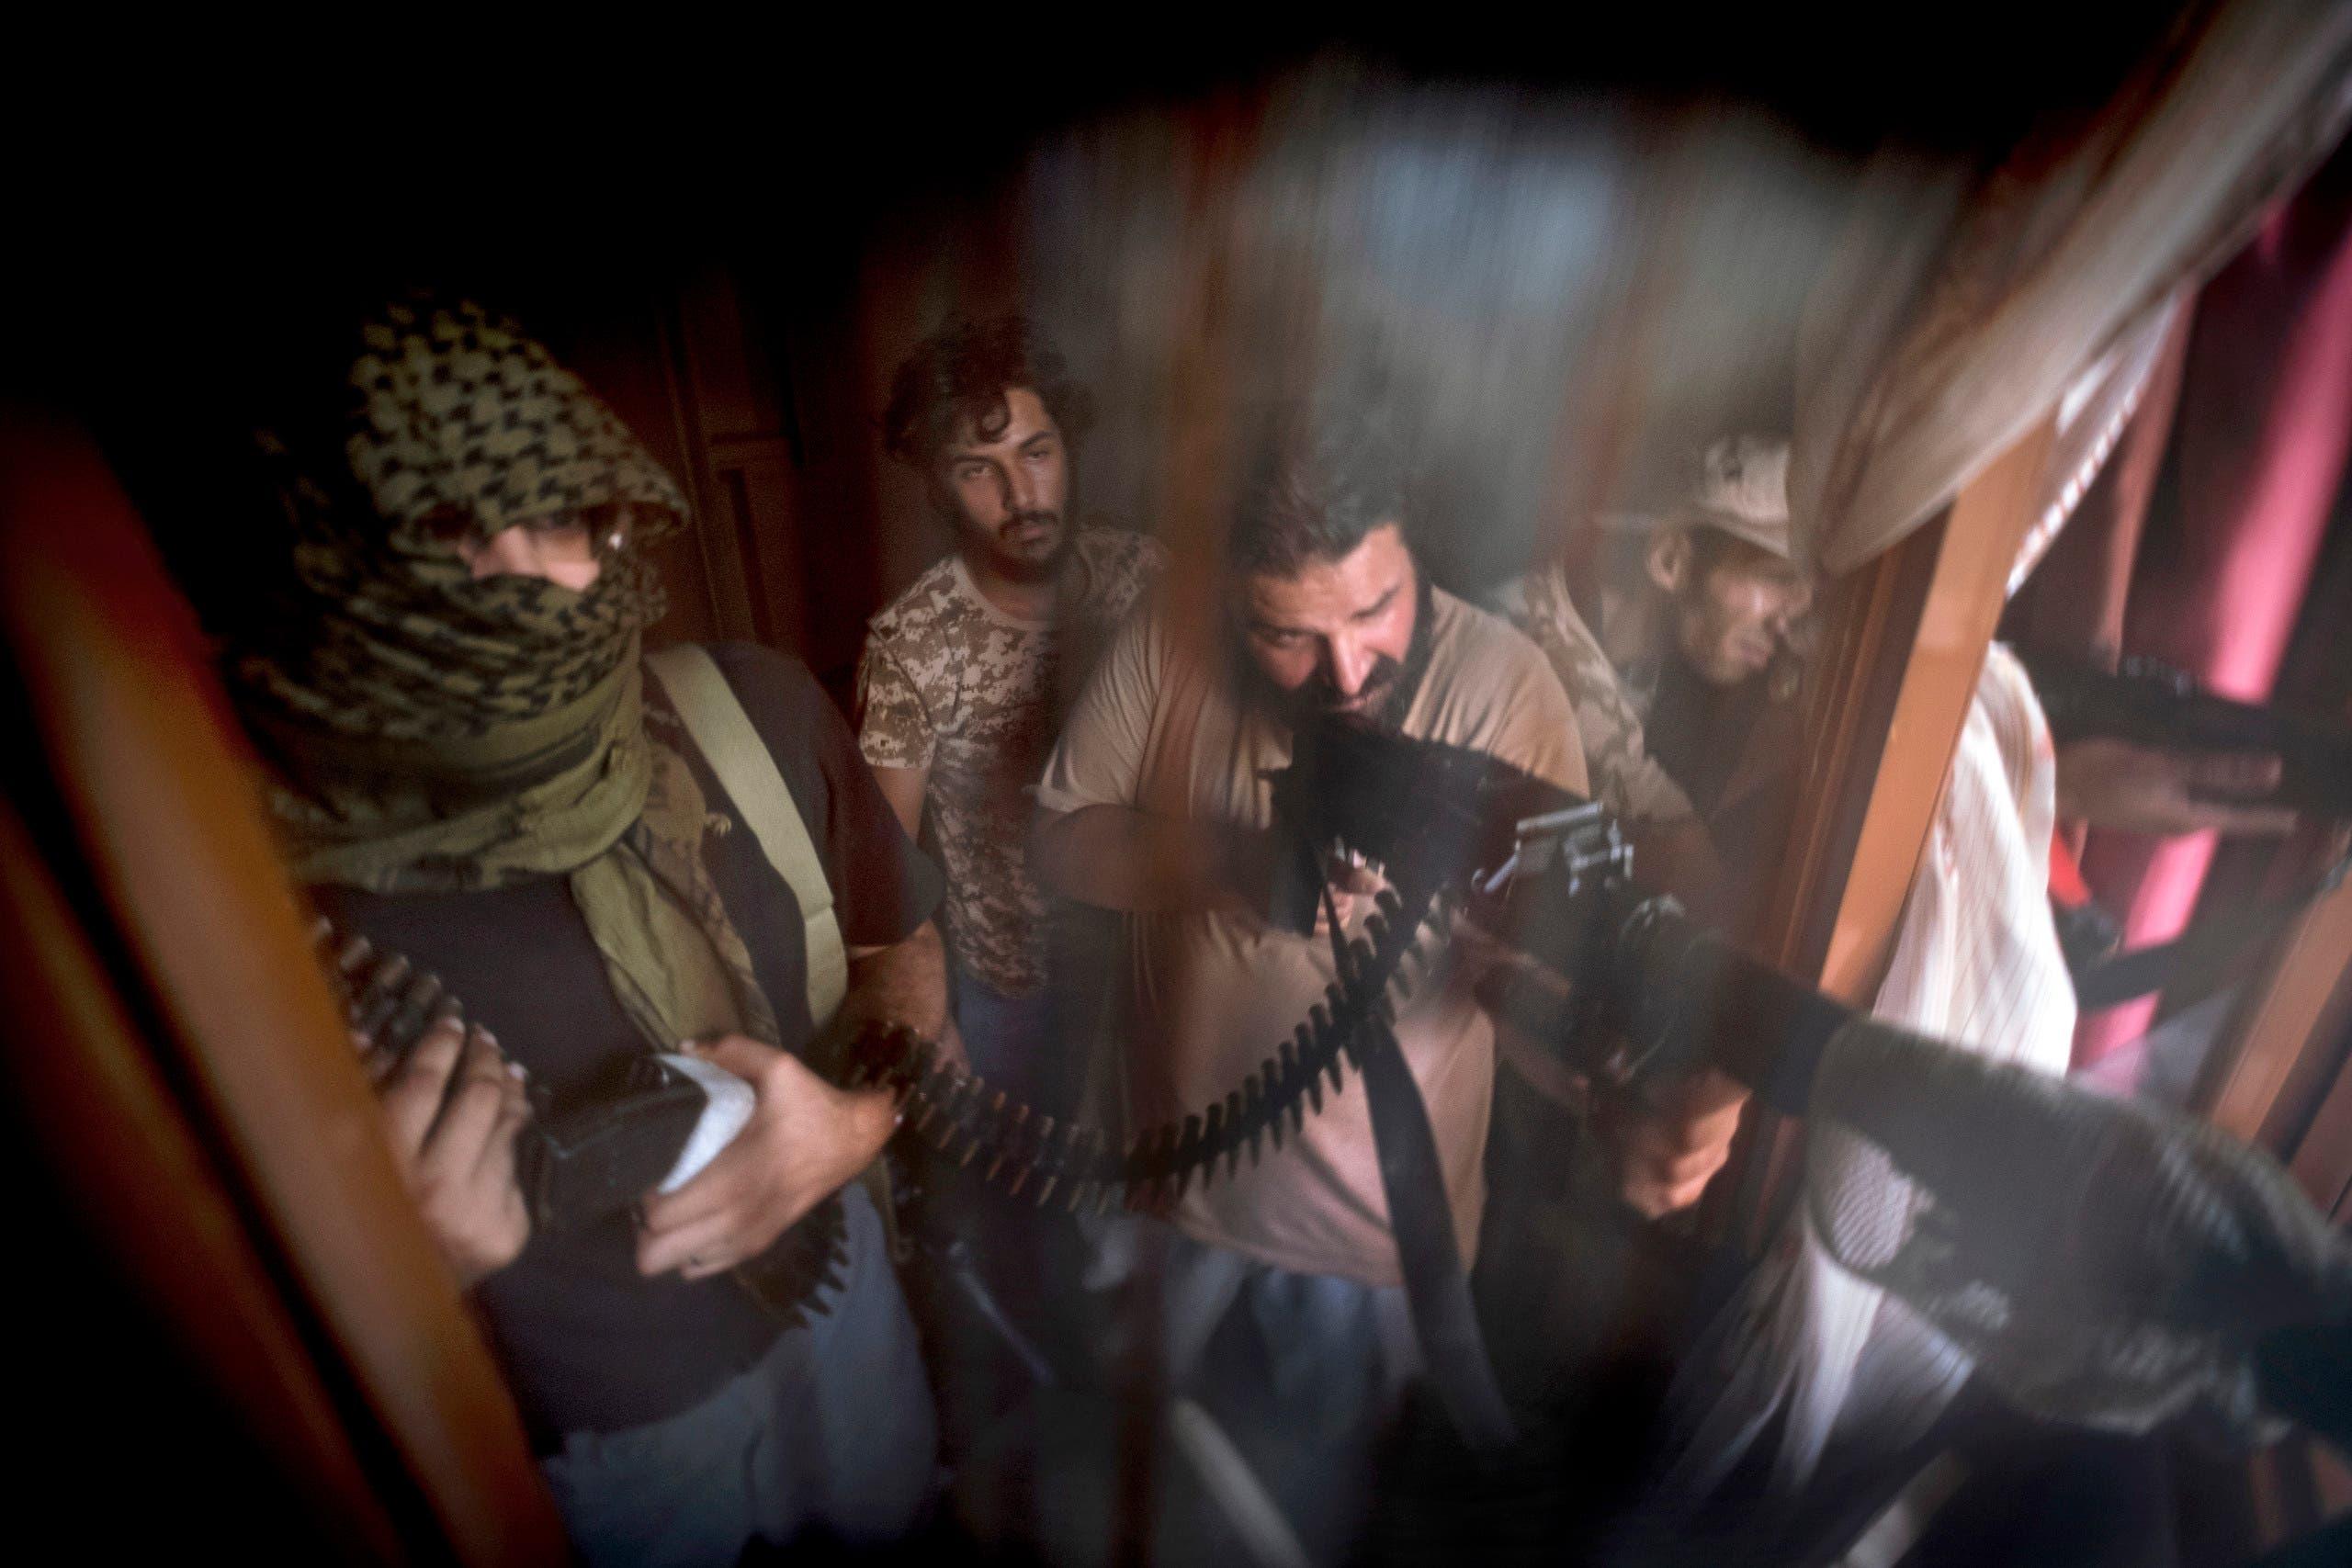 فصائل مسلحة وميليشيات ليبية في طرابلس (أرشيفية)